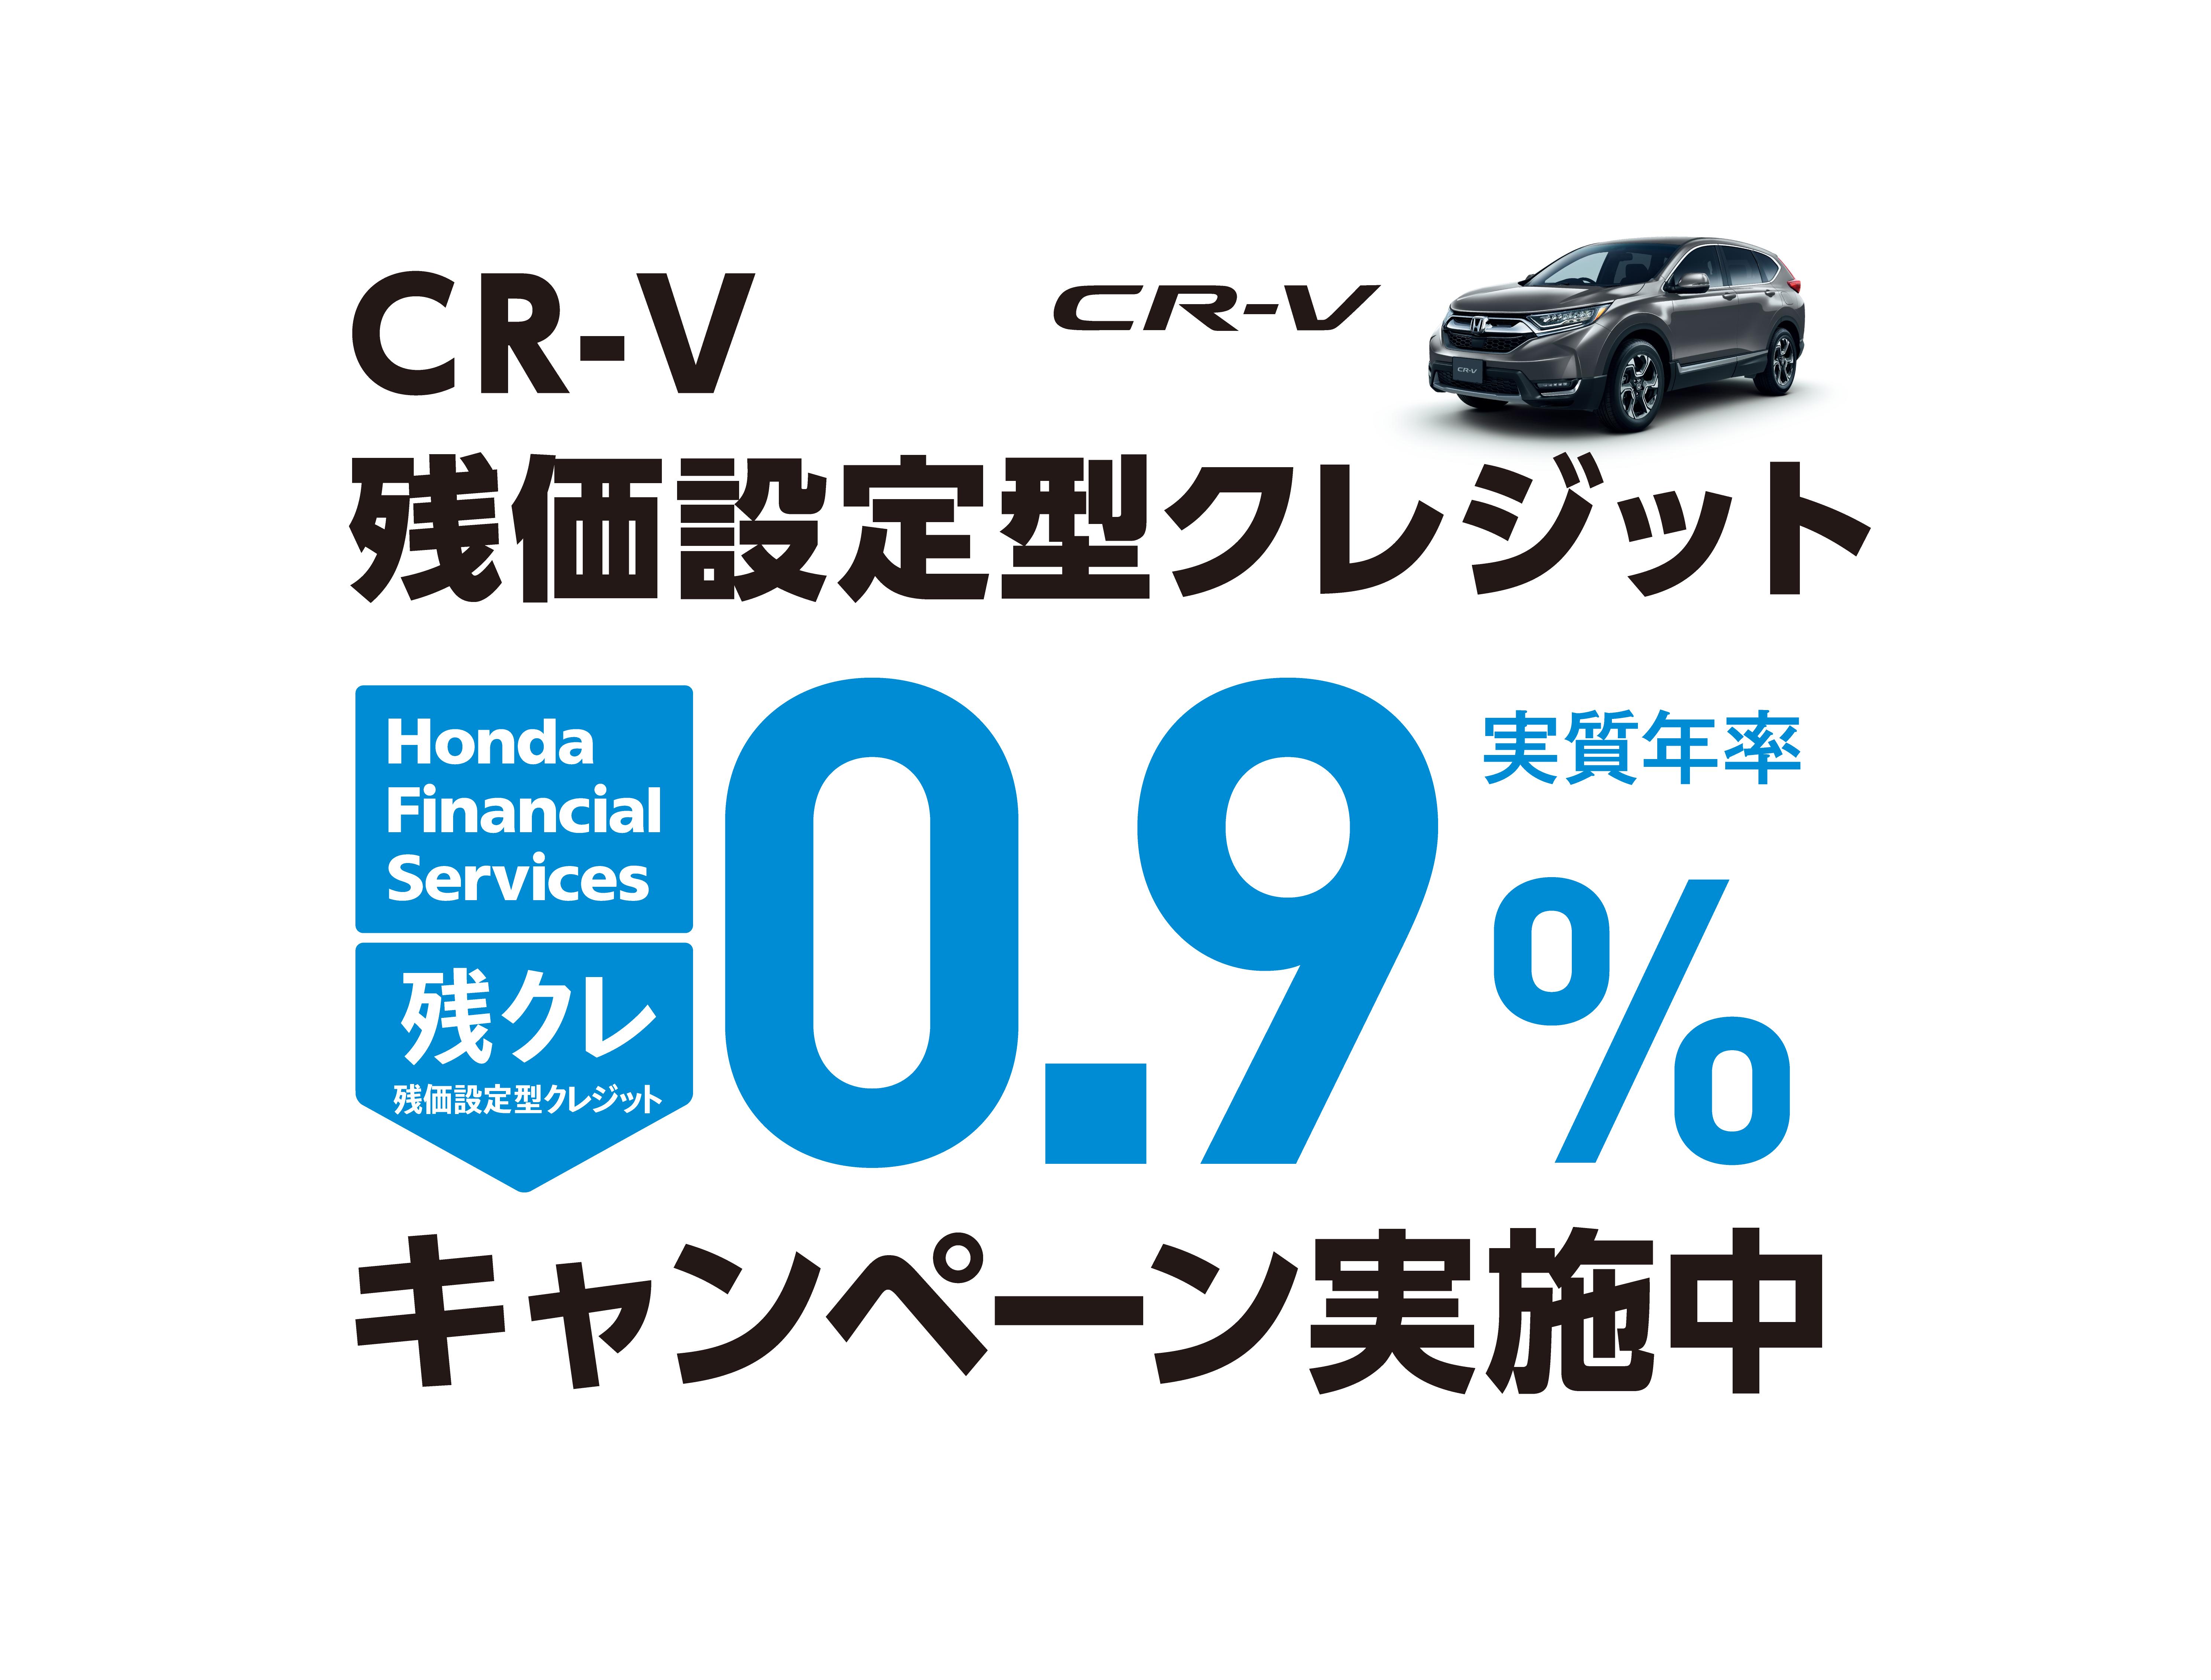 CR-V 残価設定型クレジット 1.9%キャンペーン実施中